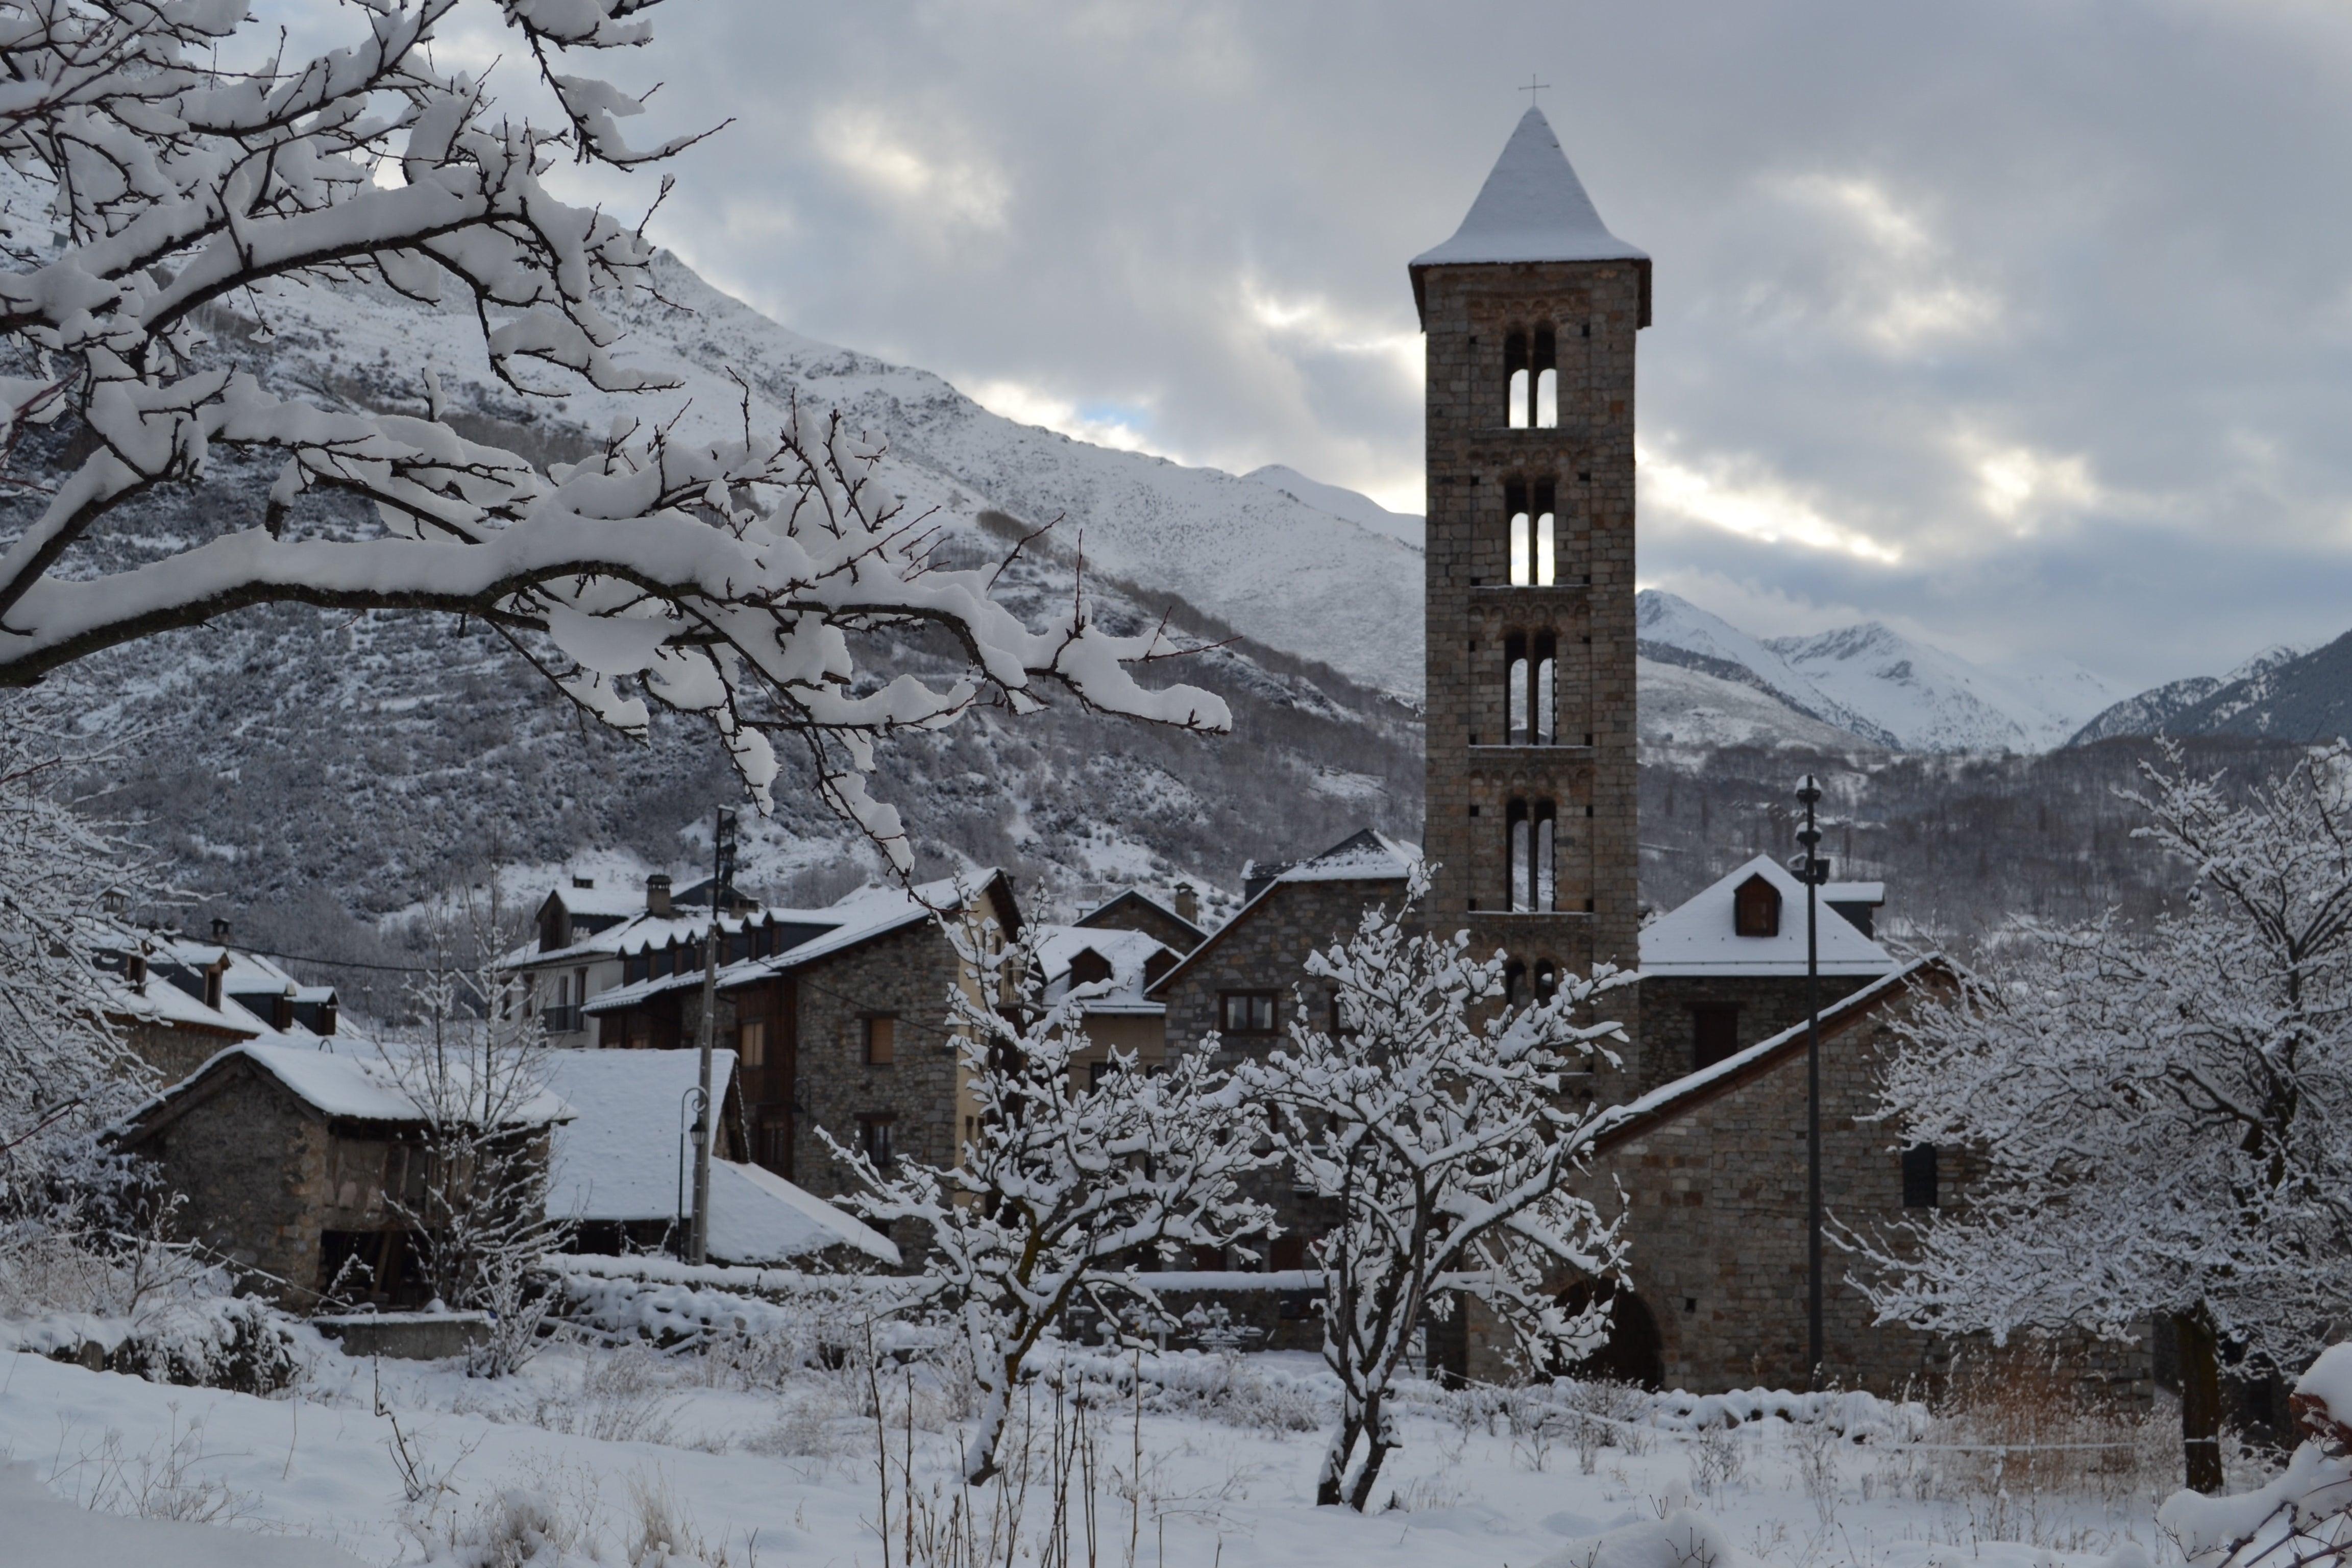 Aternativas originales al esquí - Pirineos de Cataluña. Cultura y Gastronomía